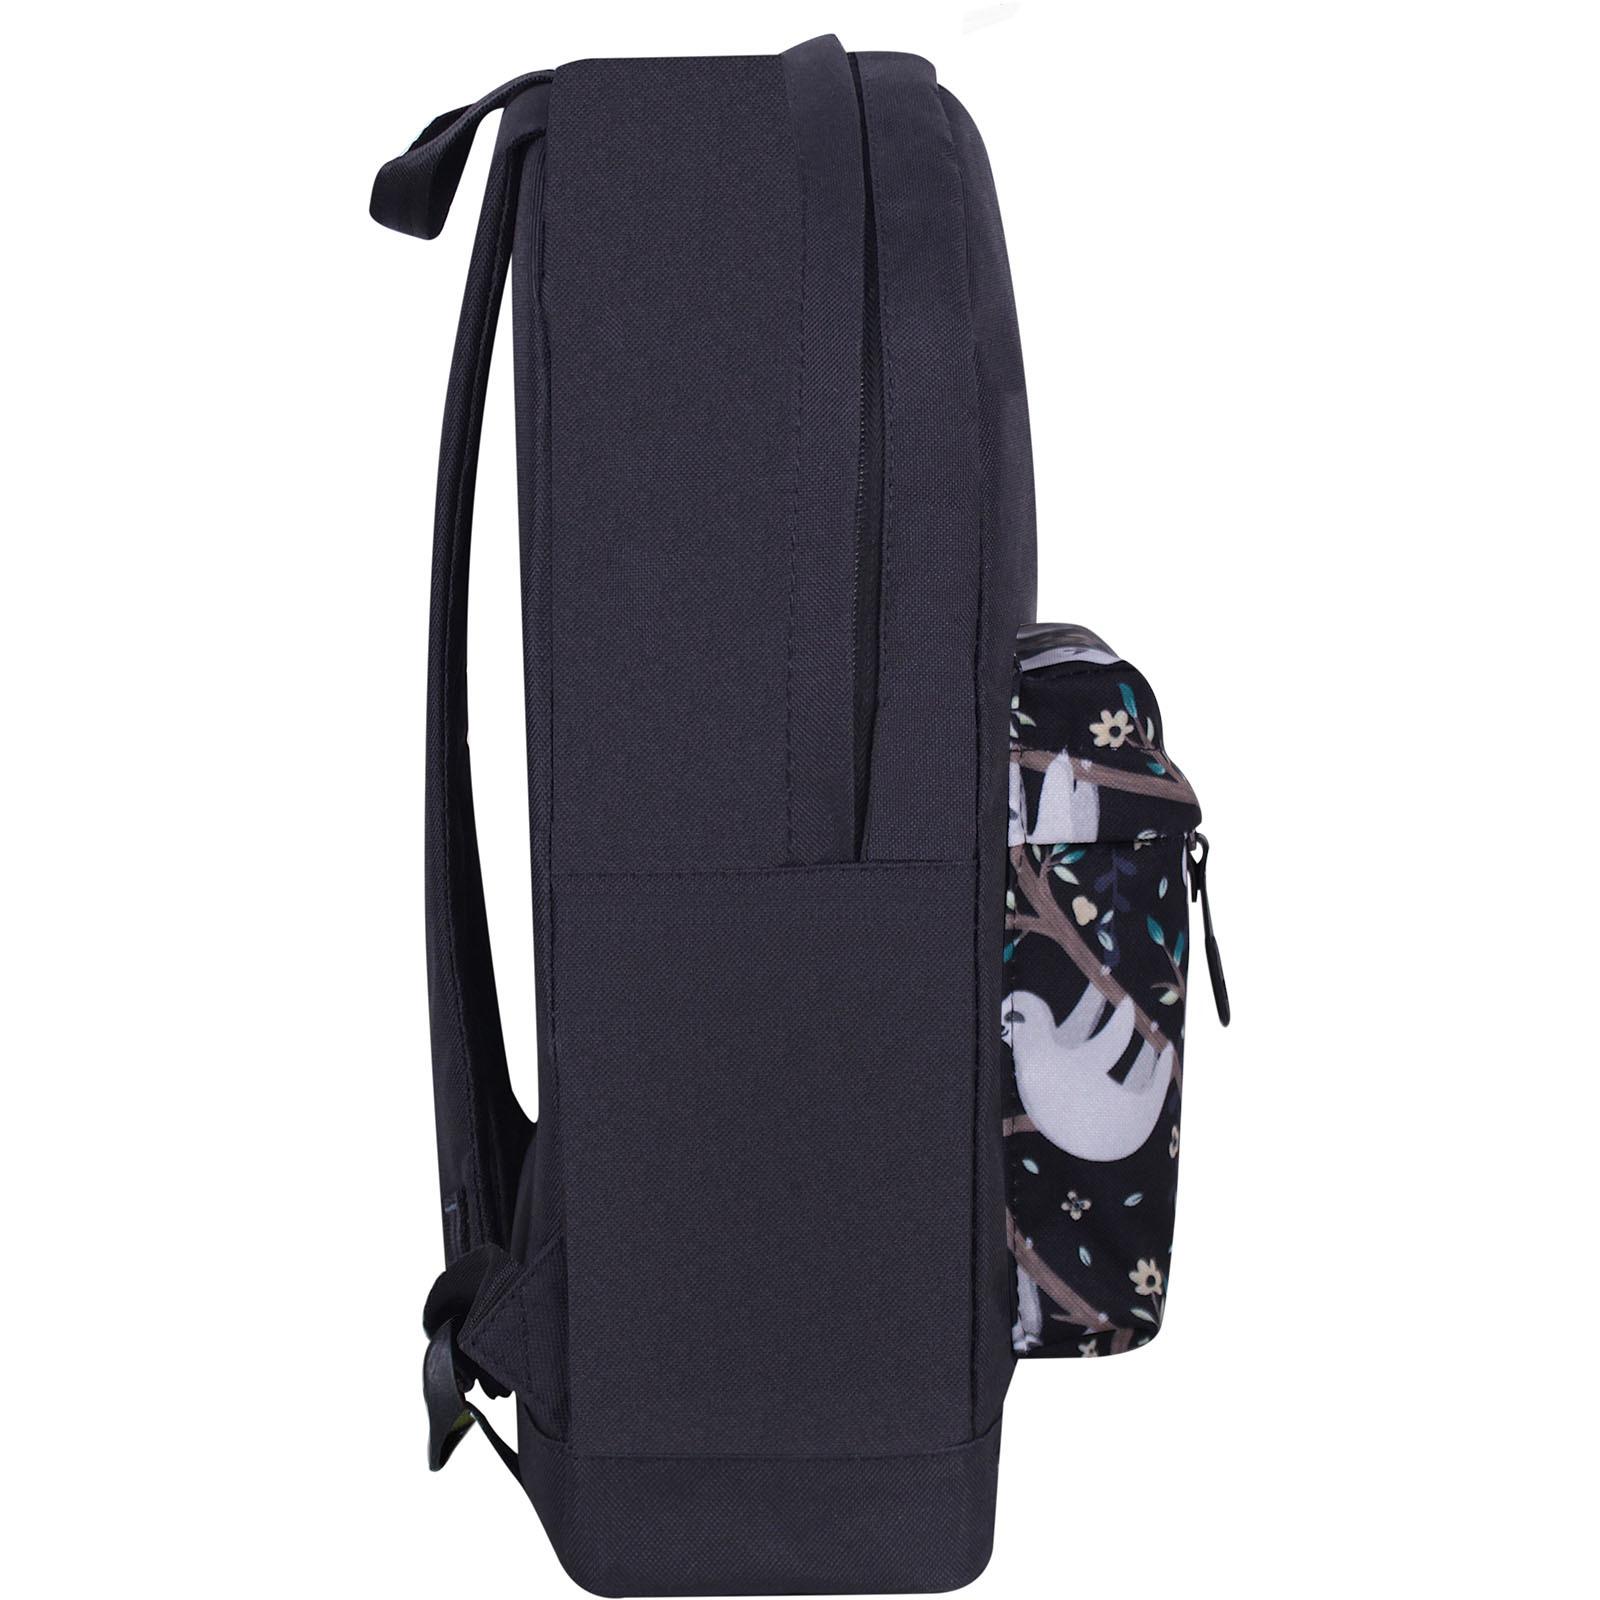 Рюкзак Bagland Молодежный W/R 17 л. Черный 760 (00533662) фото 2